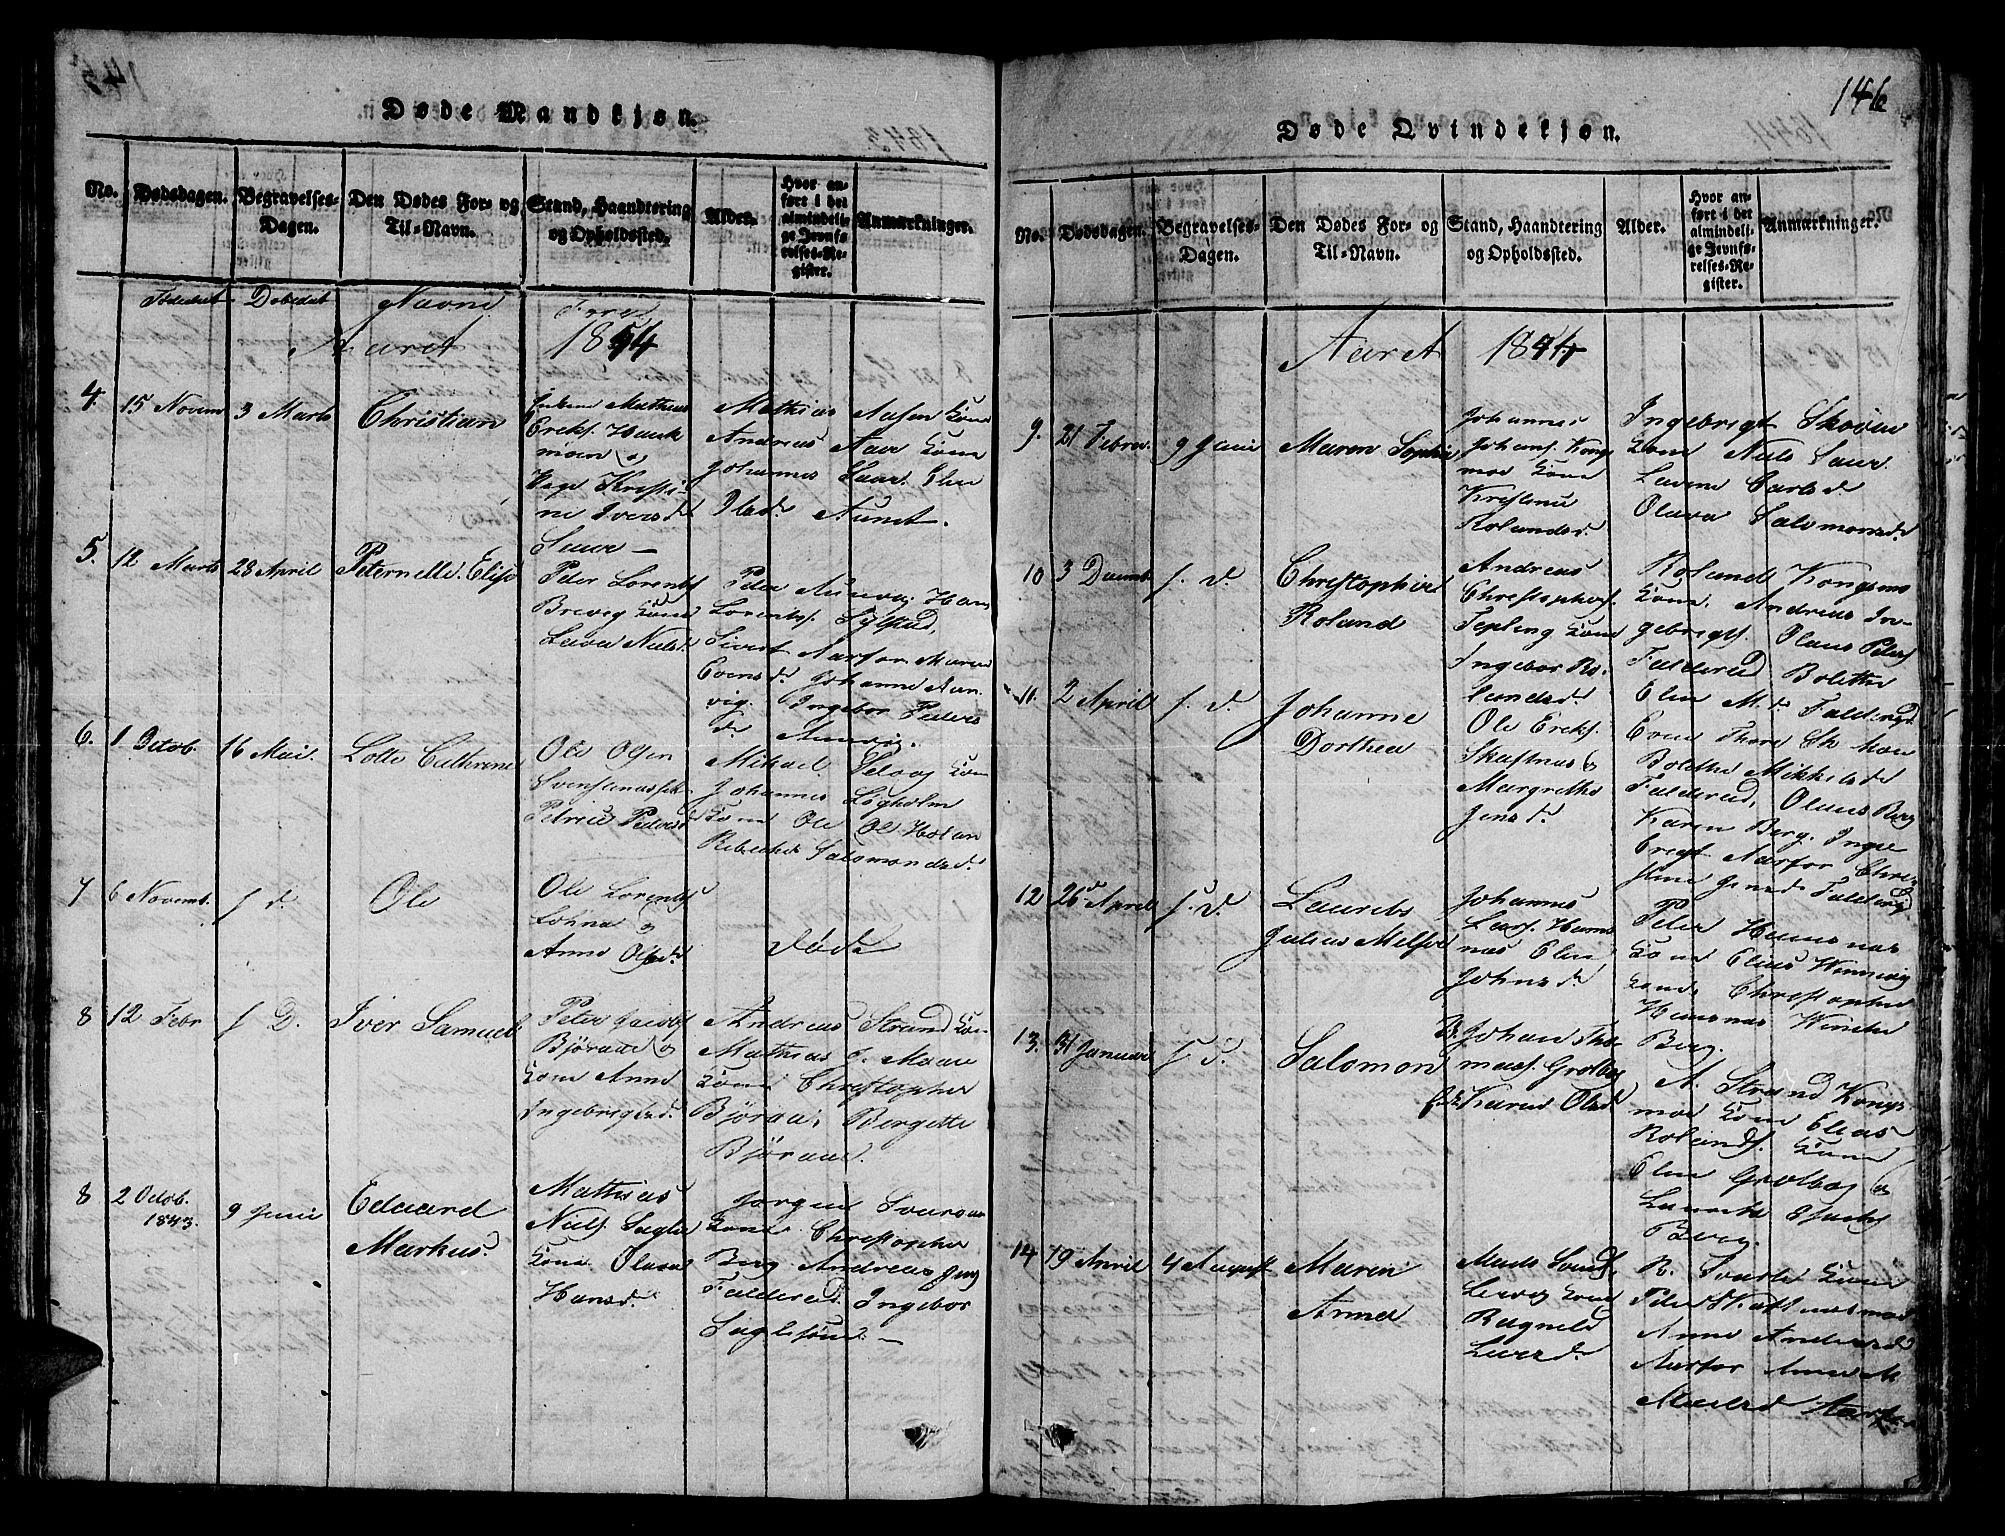 SAT, Ministerialprotokoller, klokkerbøker og fødselsregistre - Nord-Trøndelag, 780/L0648: Klokkerbok nr. 780C01 /3, 1815-1877, s. 146